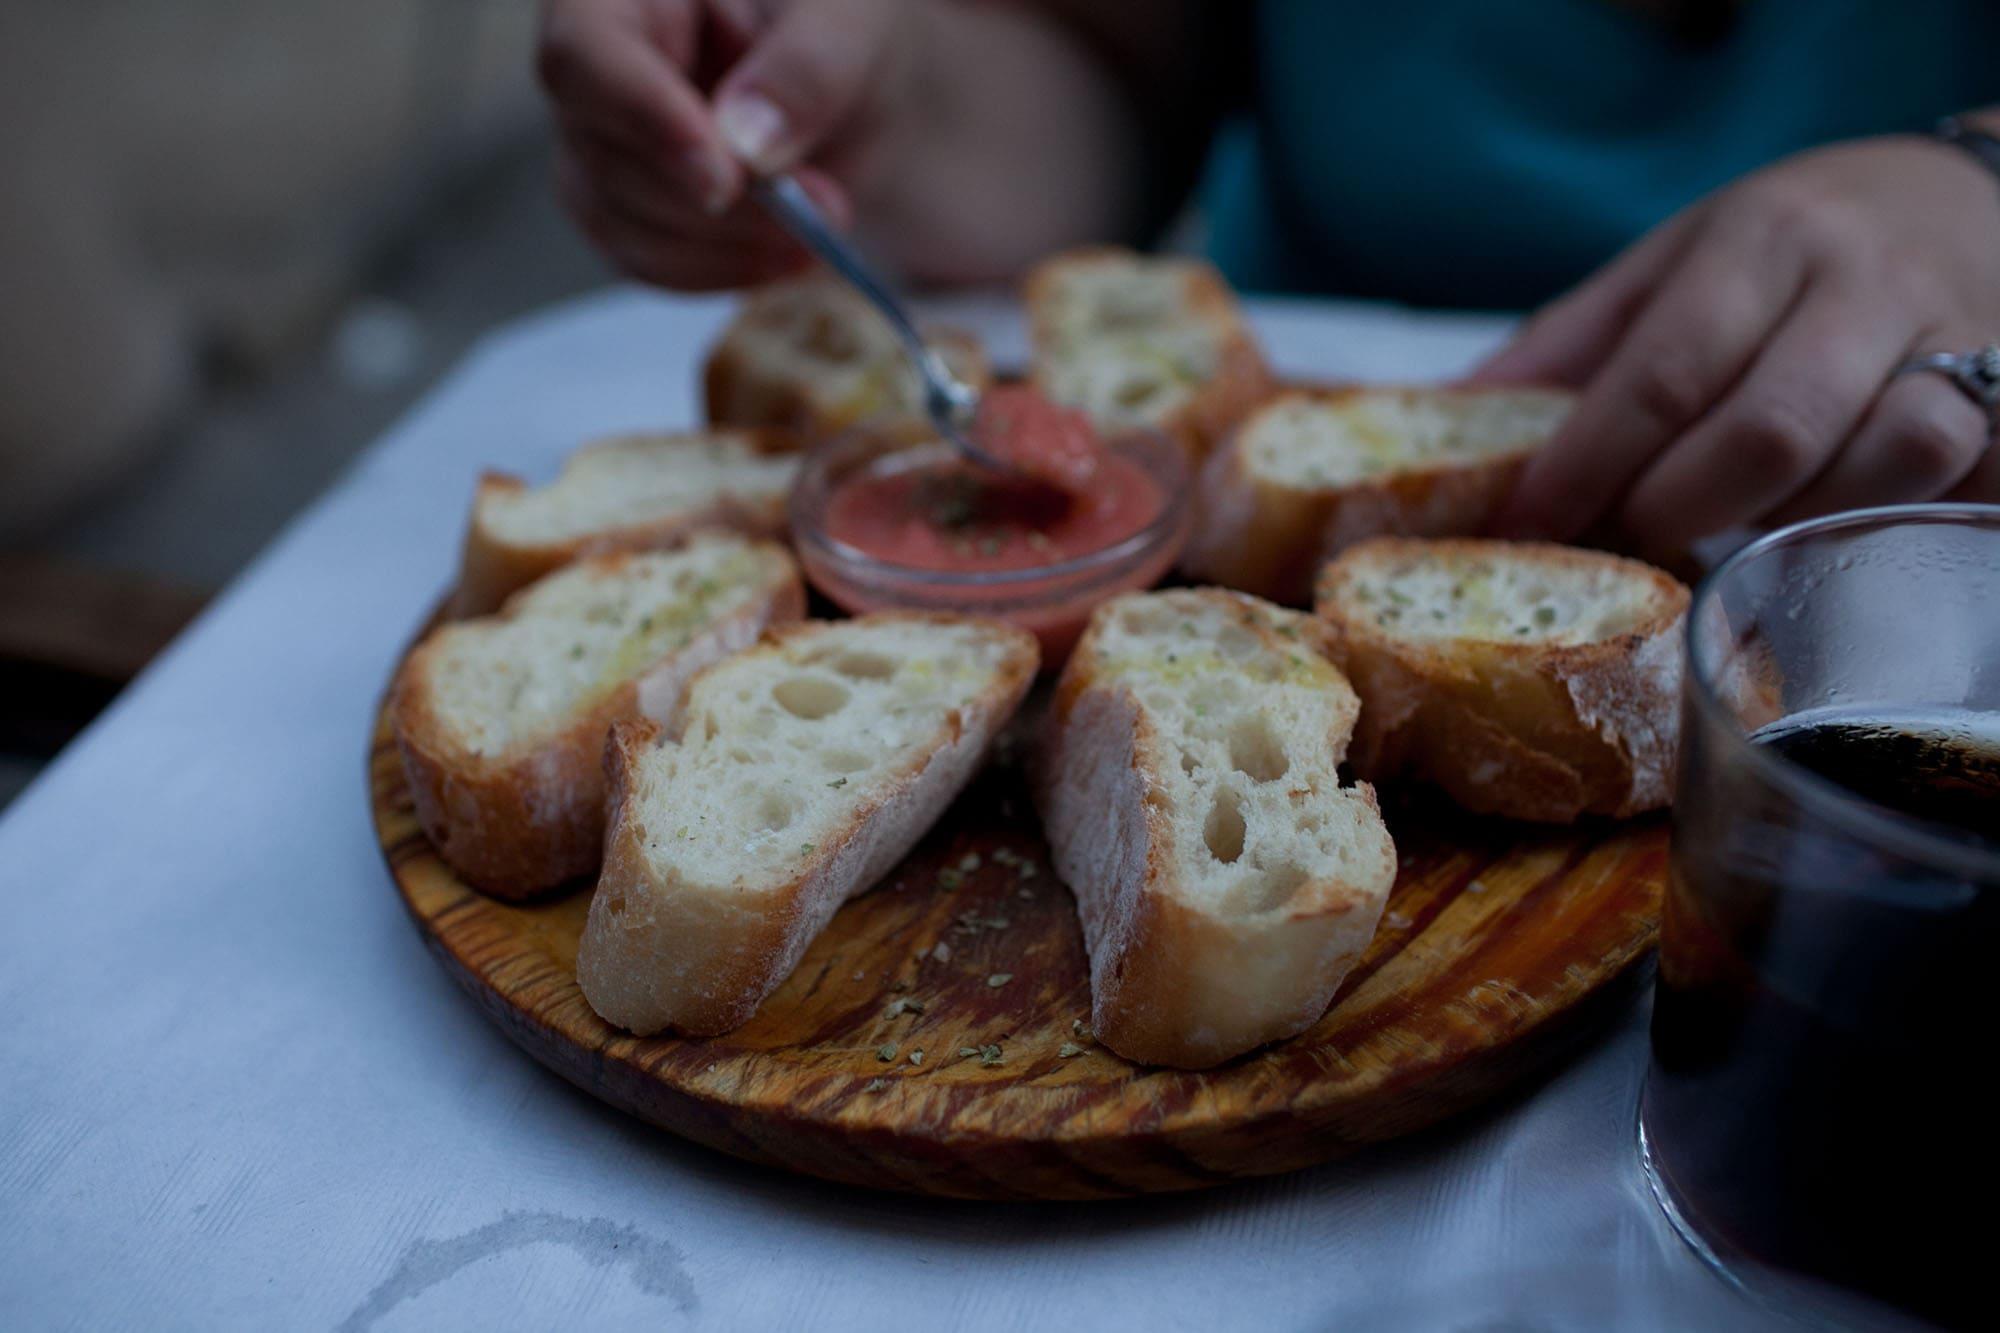 Bread and tomato sauce in Valencia, Spain.